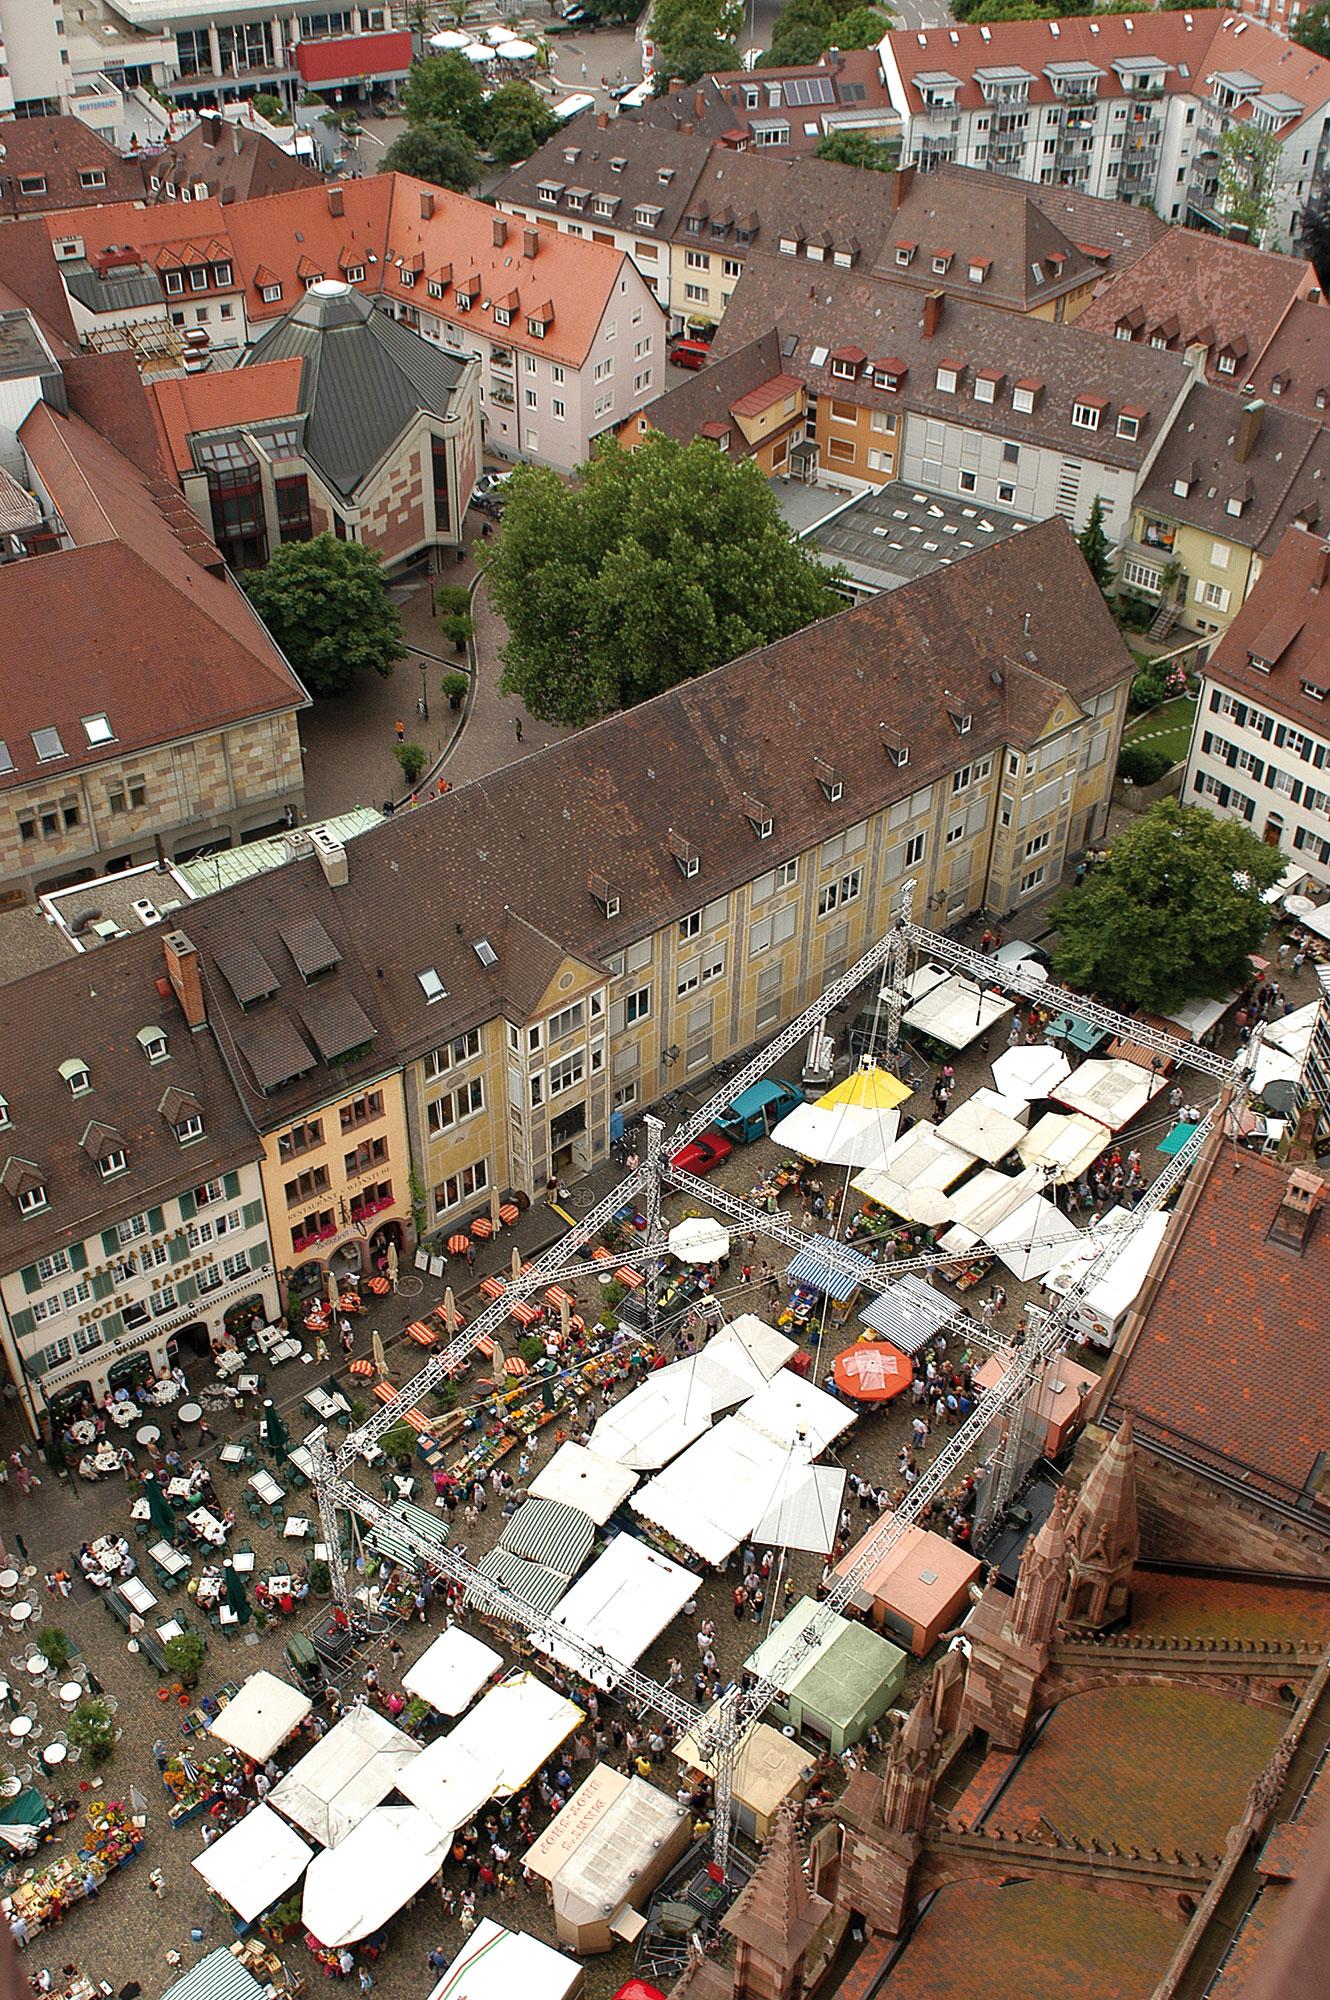 © Foto: Matthias Kolodziej, Freiburg